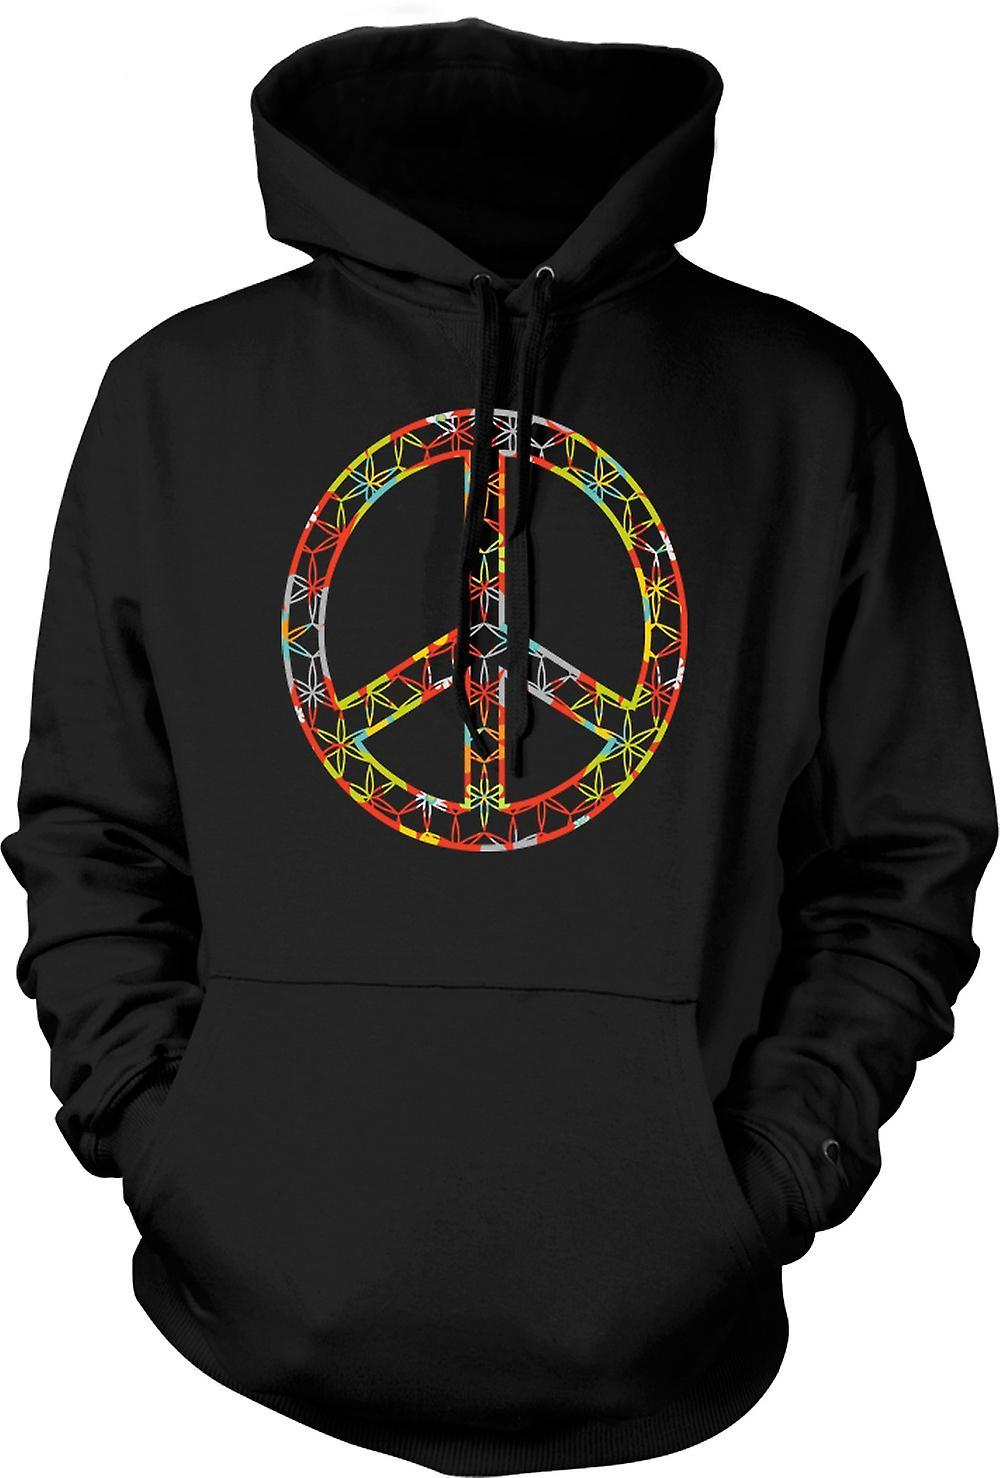 Mens-Hoodie - Floral Friedenszeichen - CND